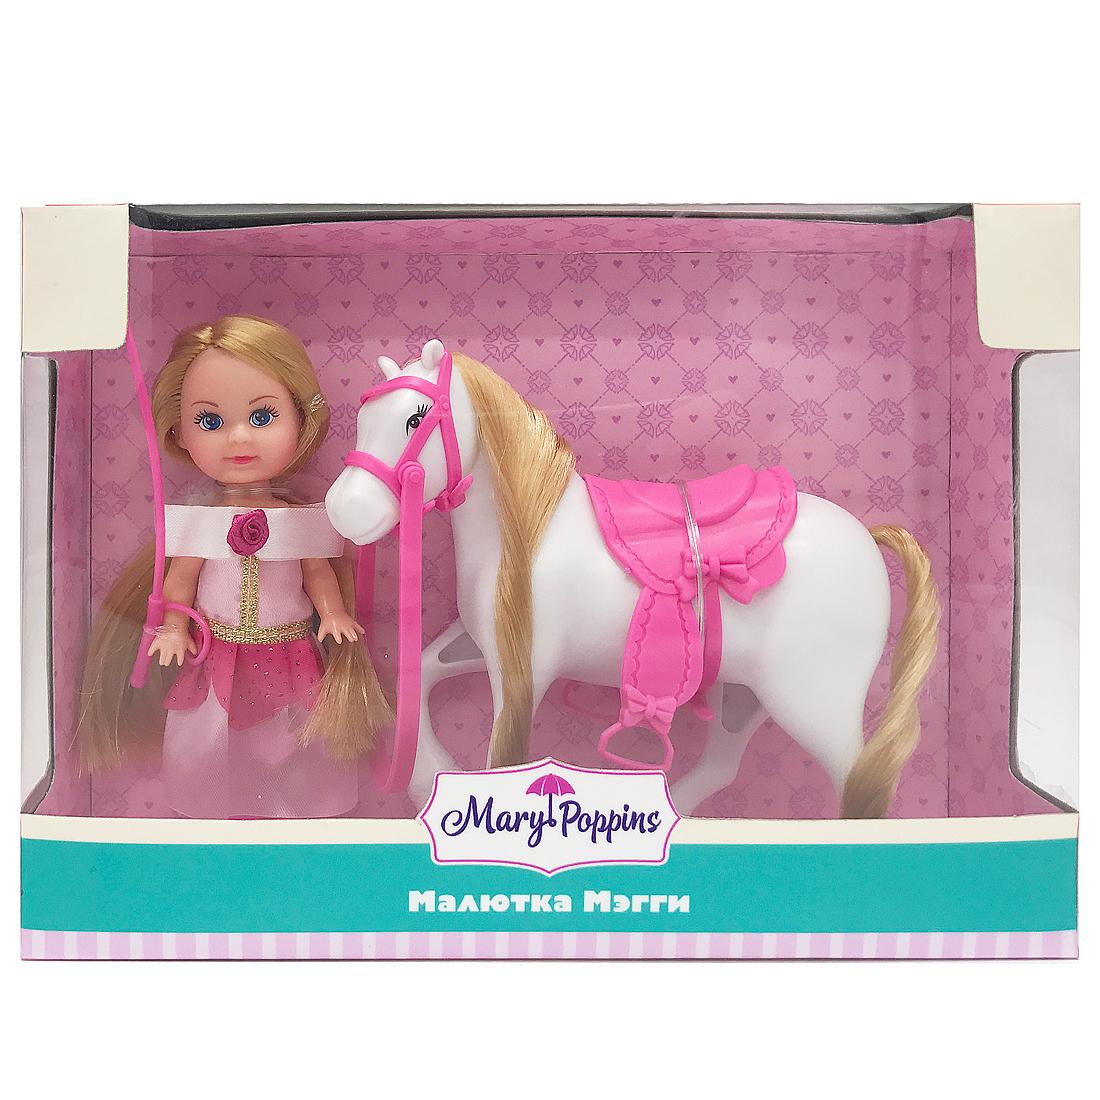 Другие куклы Mary Poppins Кукла Mary Poppins «Малютка Мэгги: Любимая лошадка» 9 см детские зонтики mary poppins автомобиль 46 см